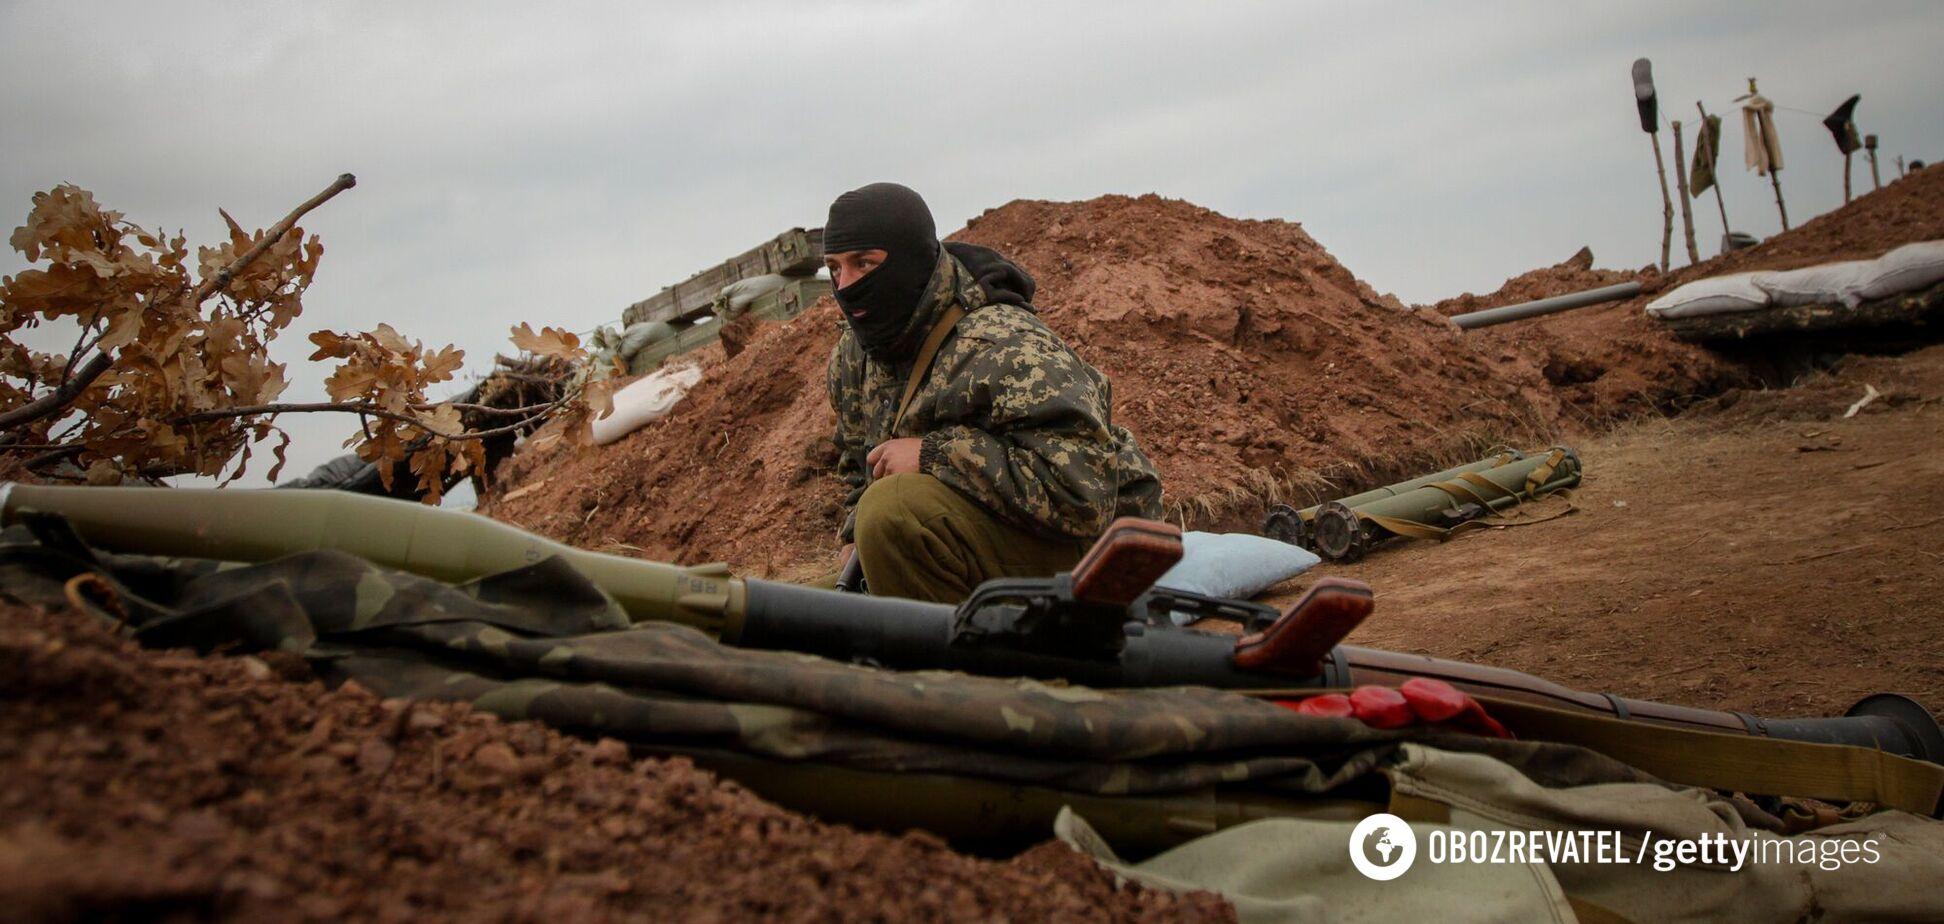 Оккупанты запустили беспилотник и укрепляли позиции на передовой – сводка ООС